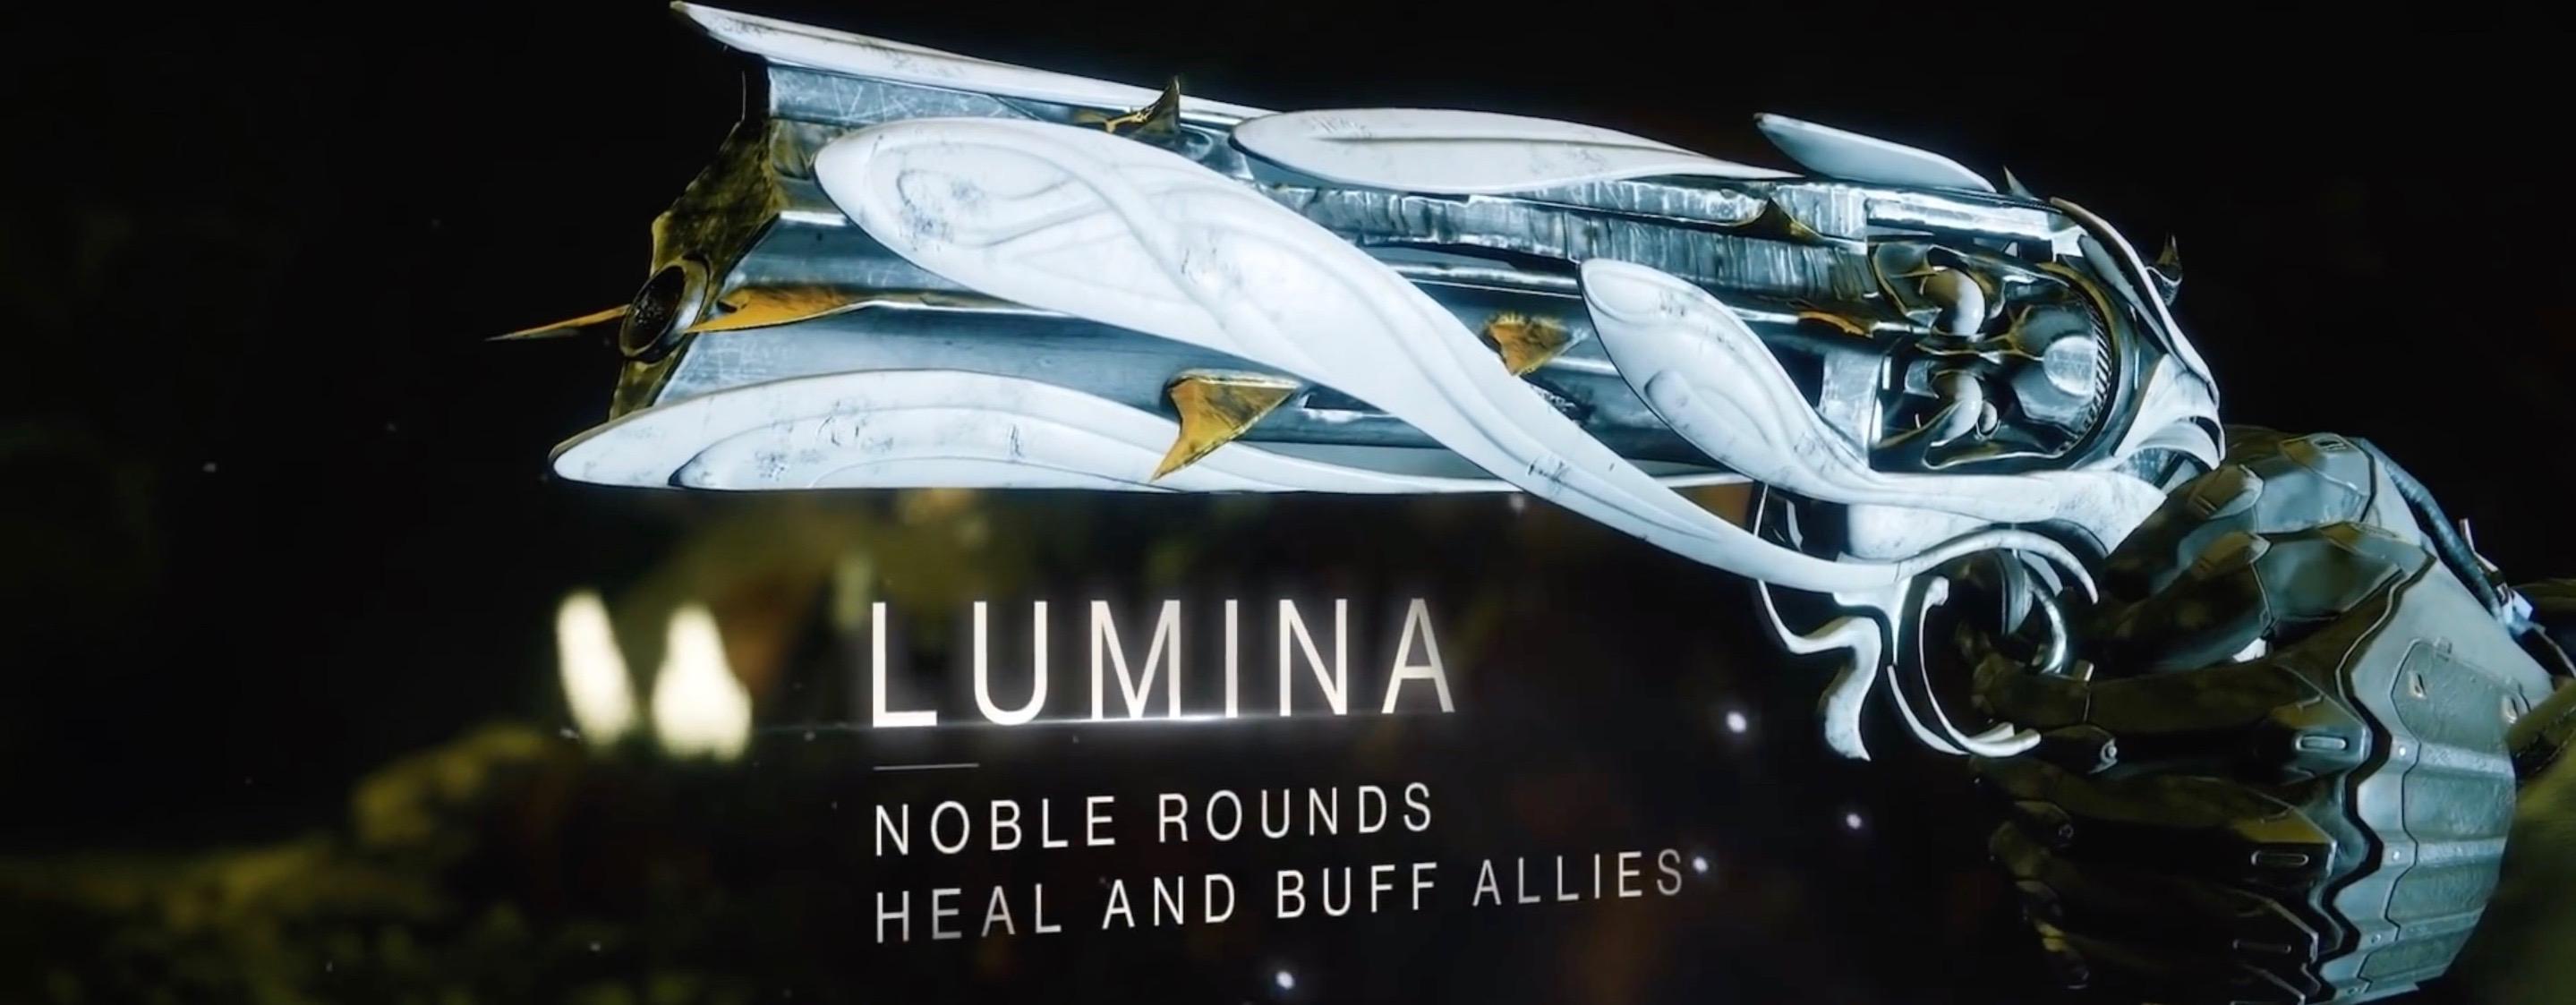 Destiny 2: So sieht die neue exotische Waffe Lumina in Aktion aus